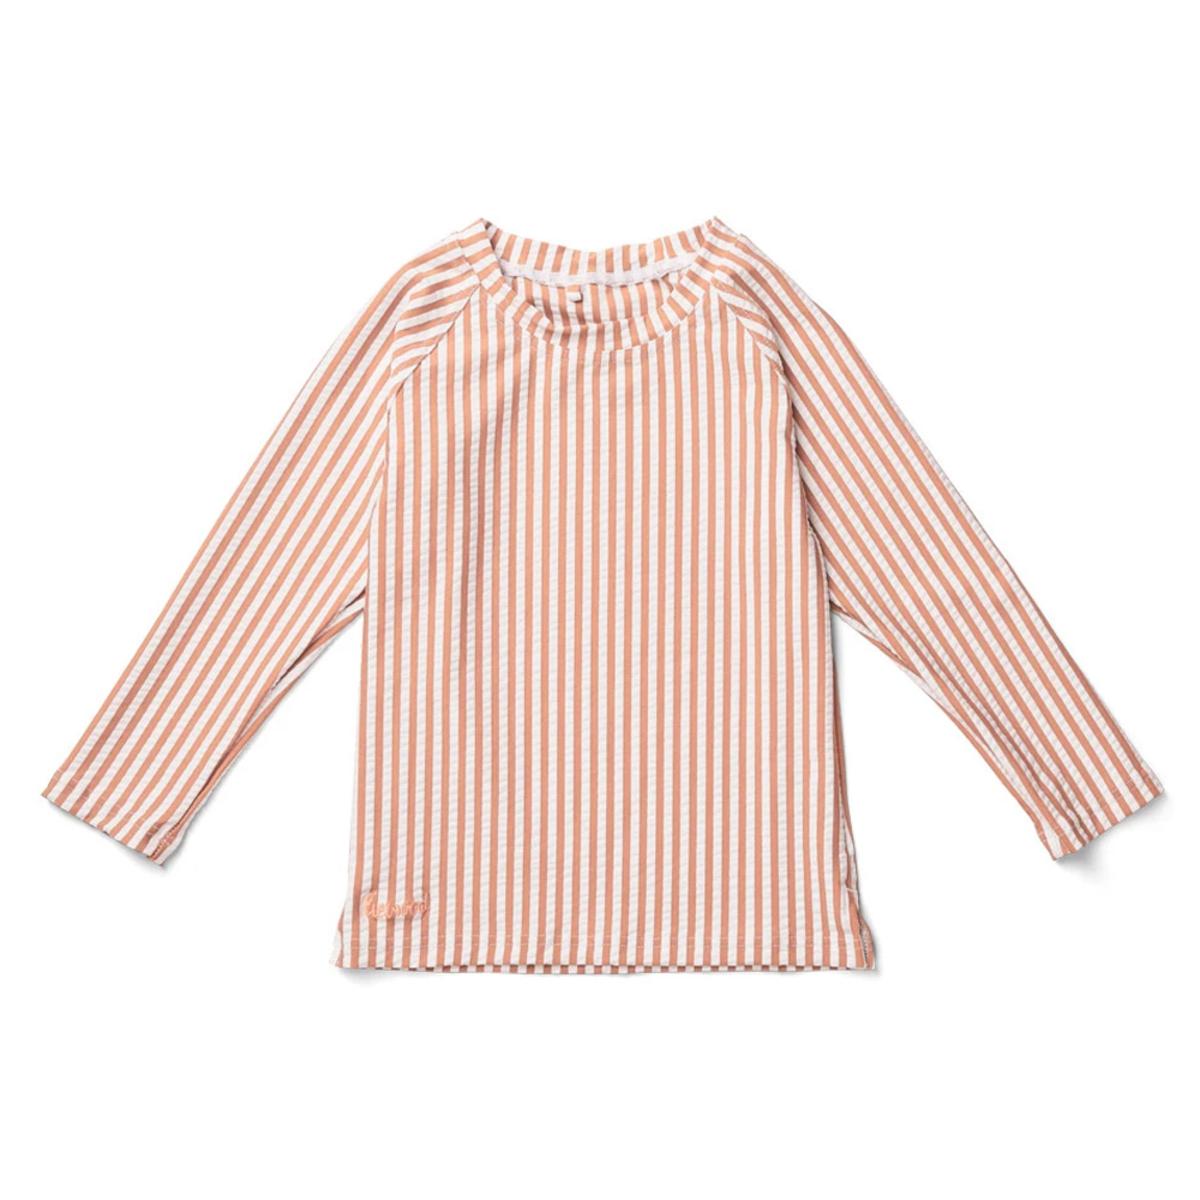 Accessoires bébé Tee-Shirt Noah Coral Blush et Crème de la Crème - 9/18 Mois Tee-Shirt Noah Coral Blush et Crème de la Crème - 9/18 Mois